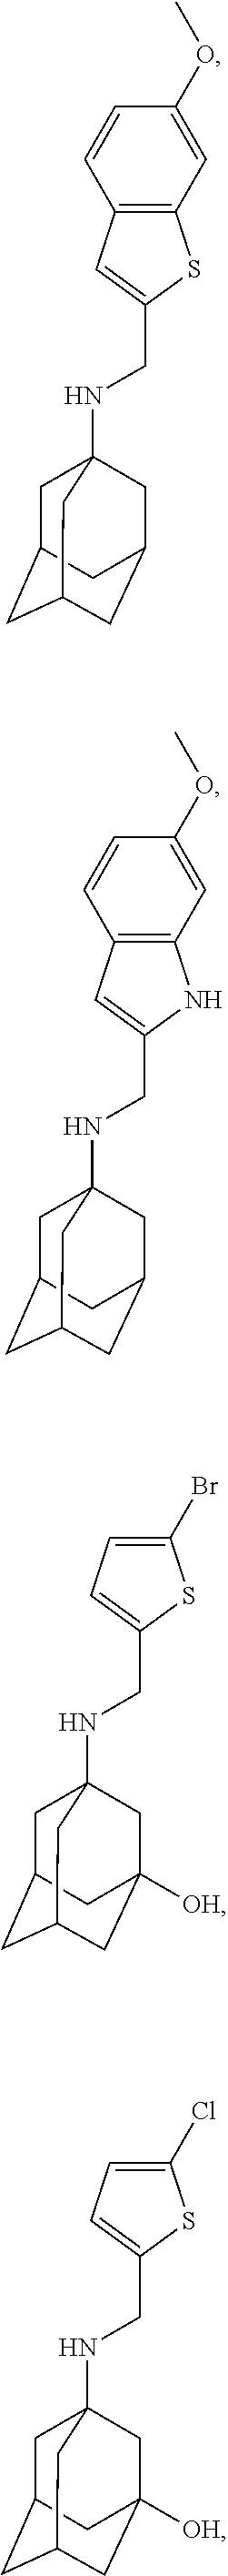 Figure US09884832-20180206-C00171